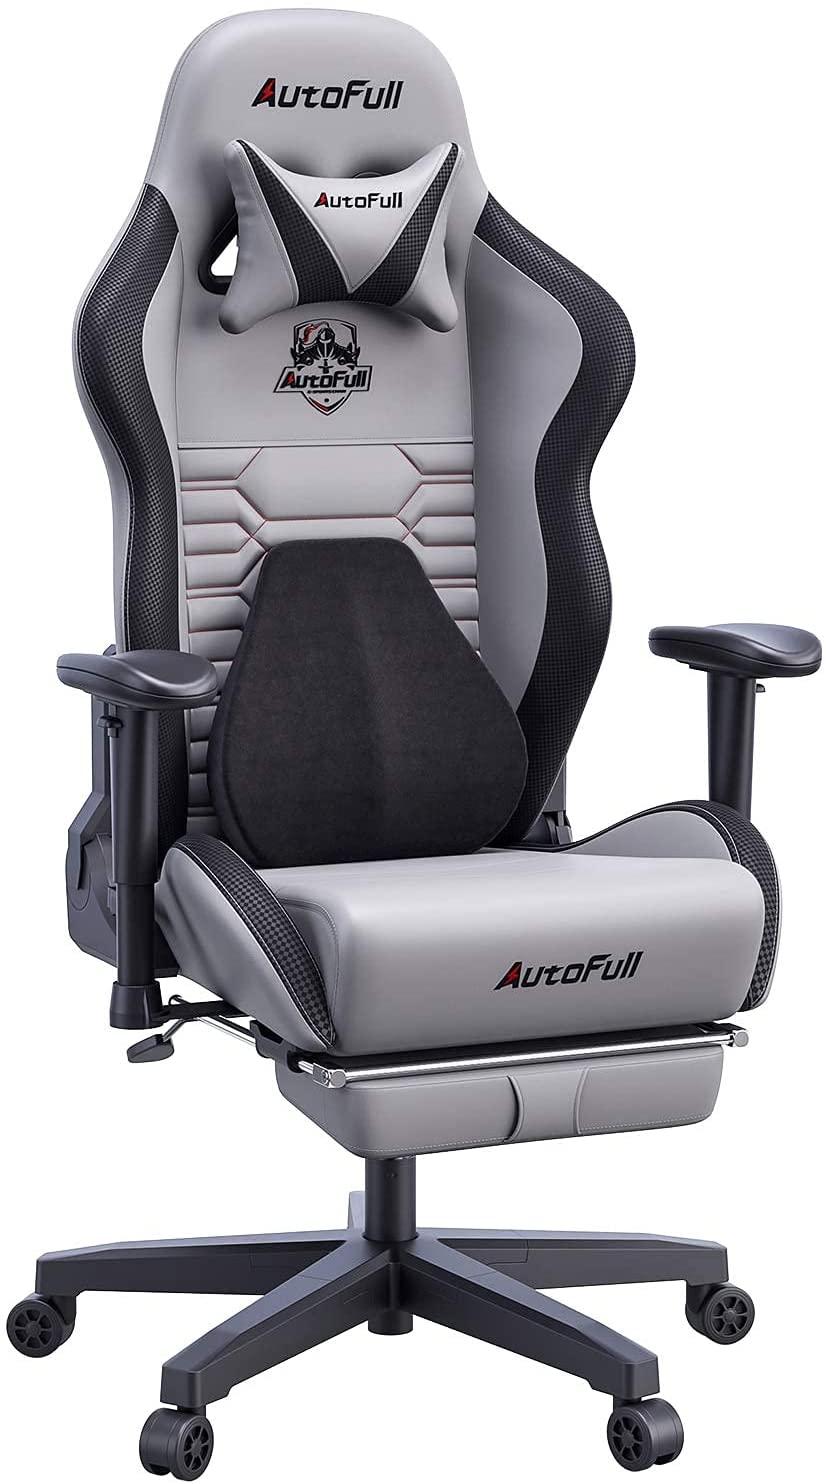 Autofull best gaming chair gray